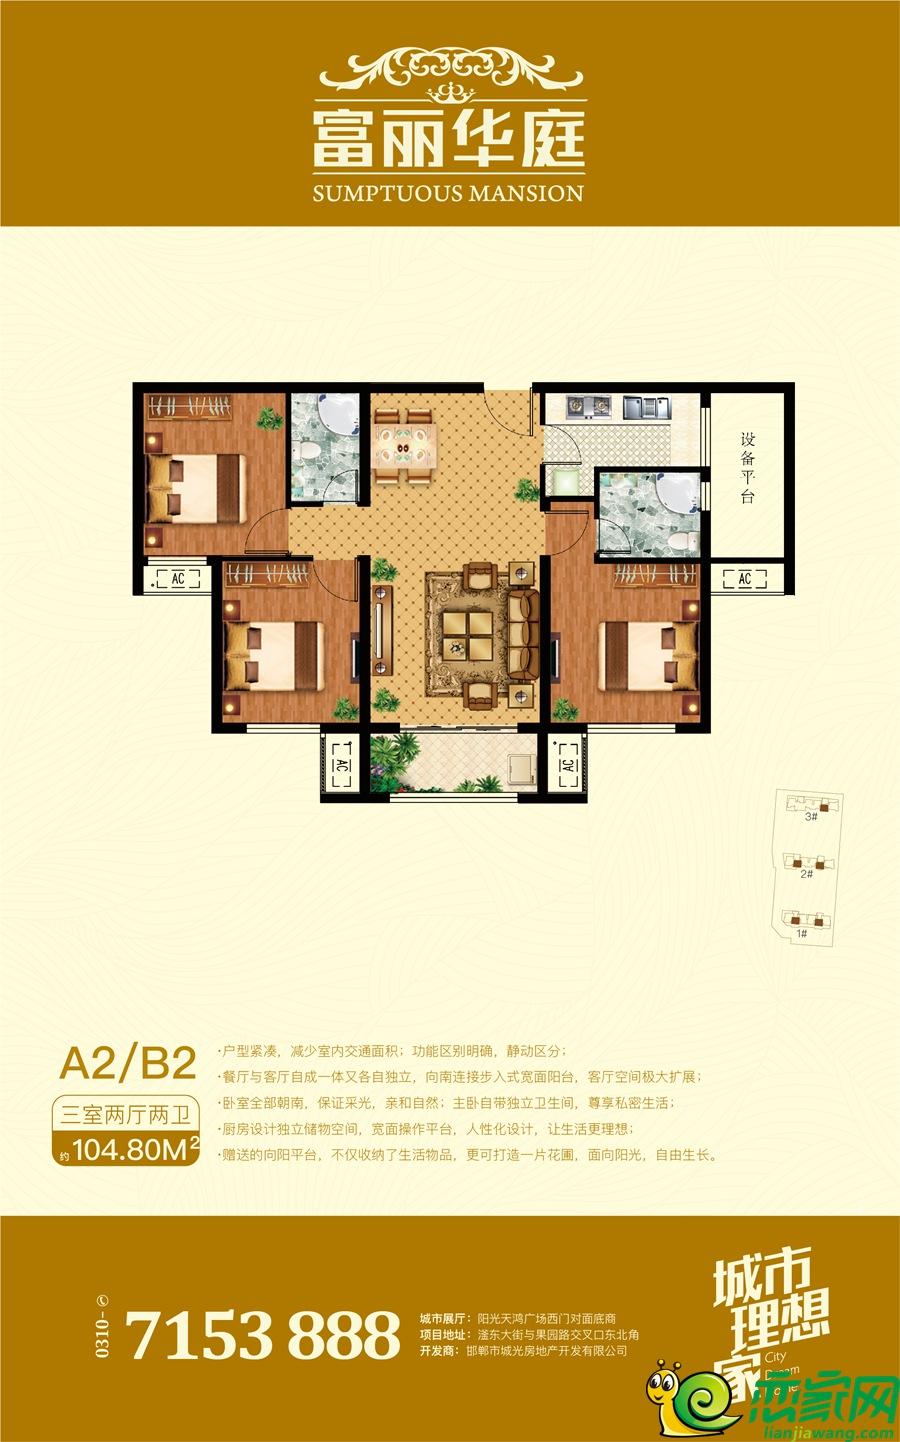 A2/B2